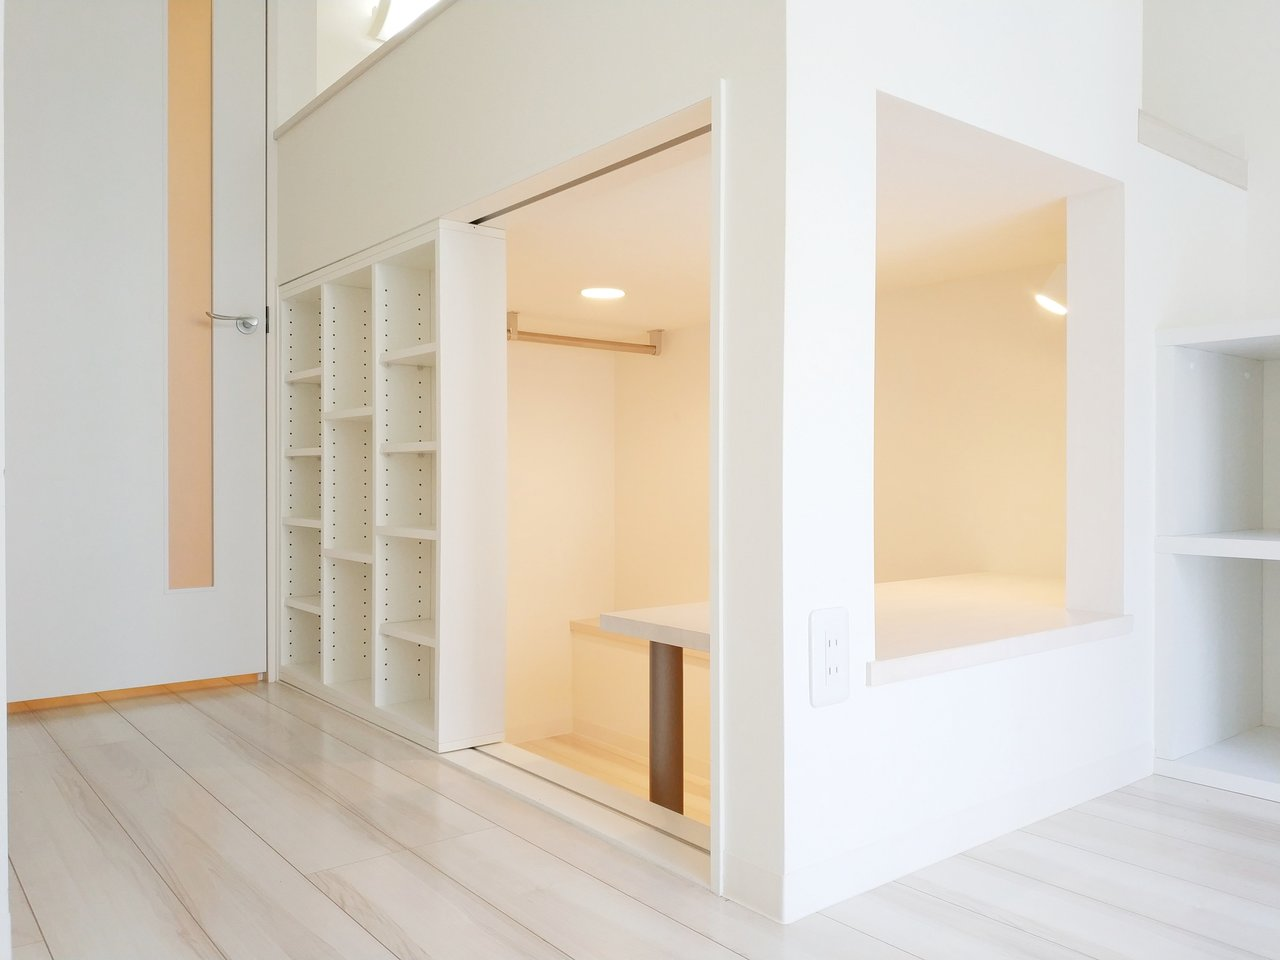 ベッド下には、本棚に使えそうな小さな棚やテーブルまで。